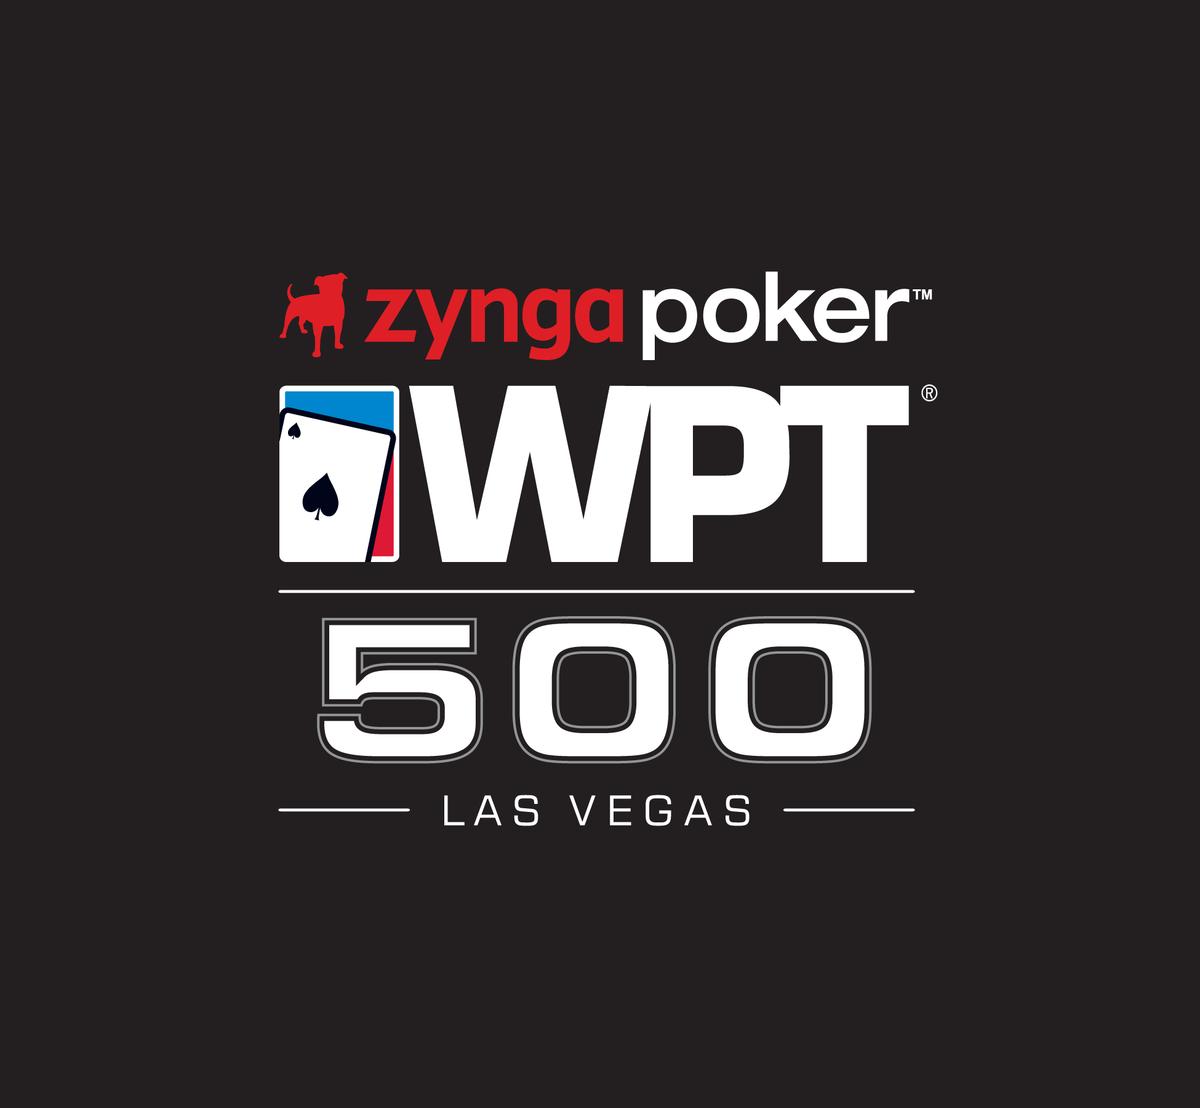 Zynga Poker on Twitter: